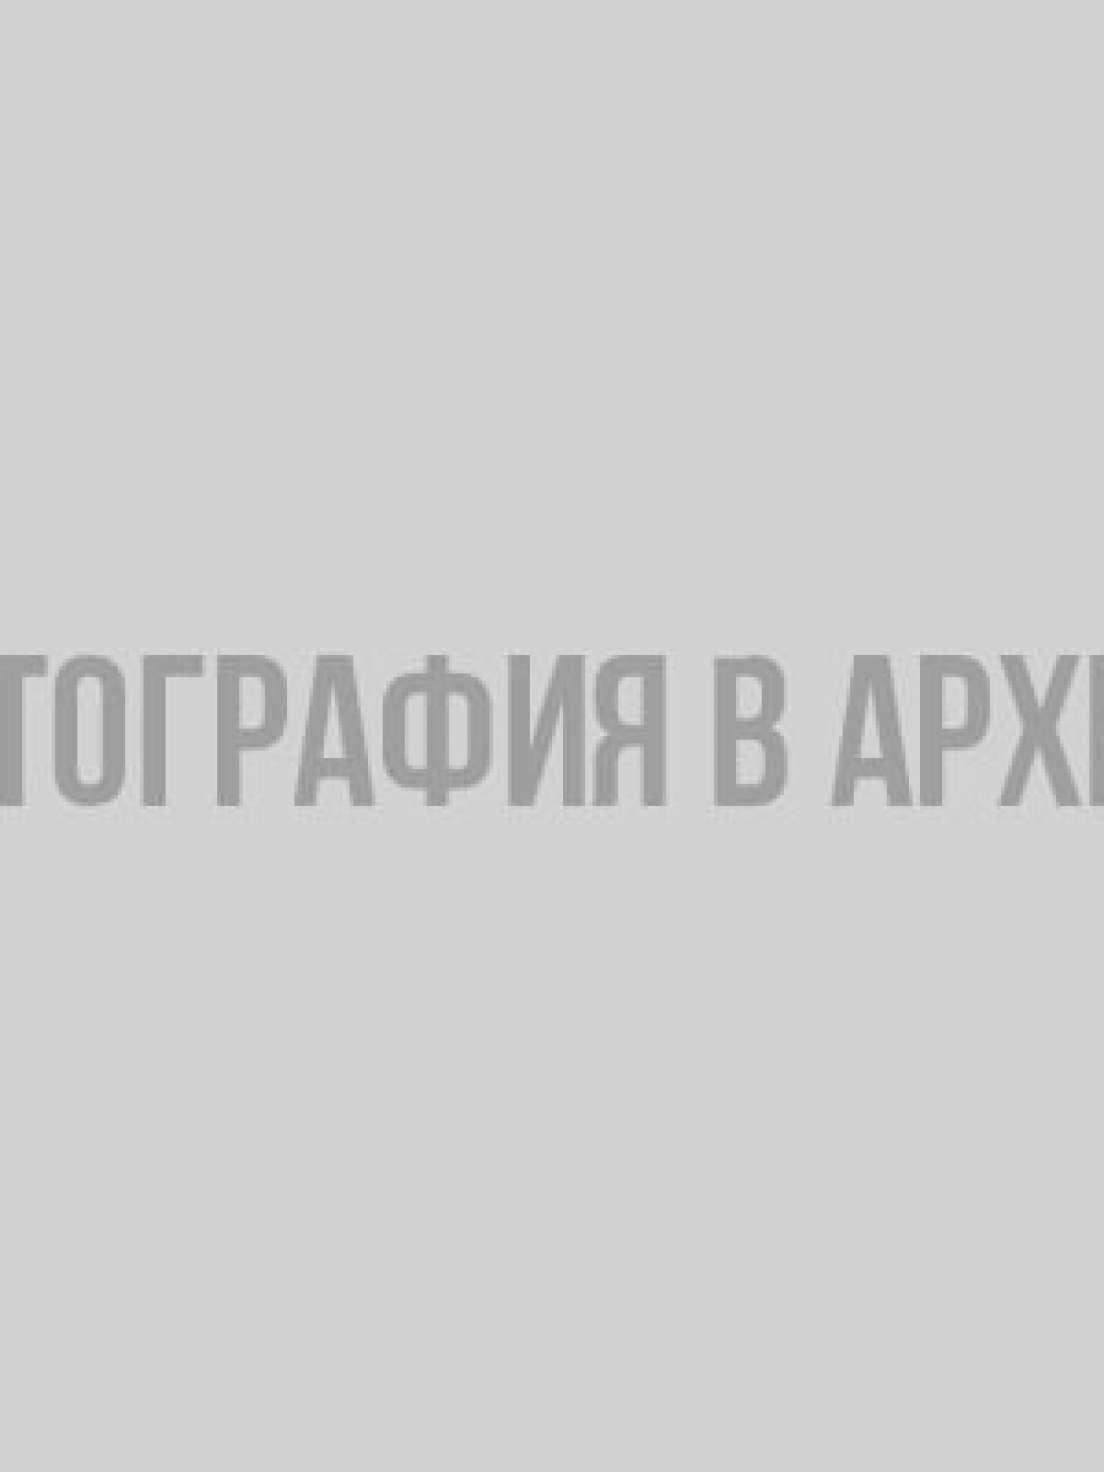 Двух спасенных тюленей выпустили в Финский залив после реабилитации Центр изучения и сохранения морских млекопитающих, финский залив, тюлени, Ленобласть